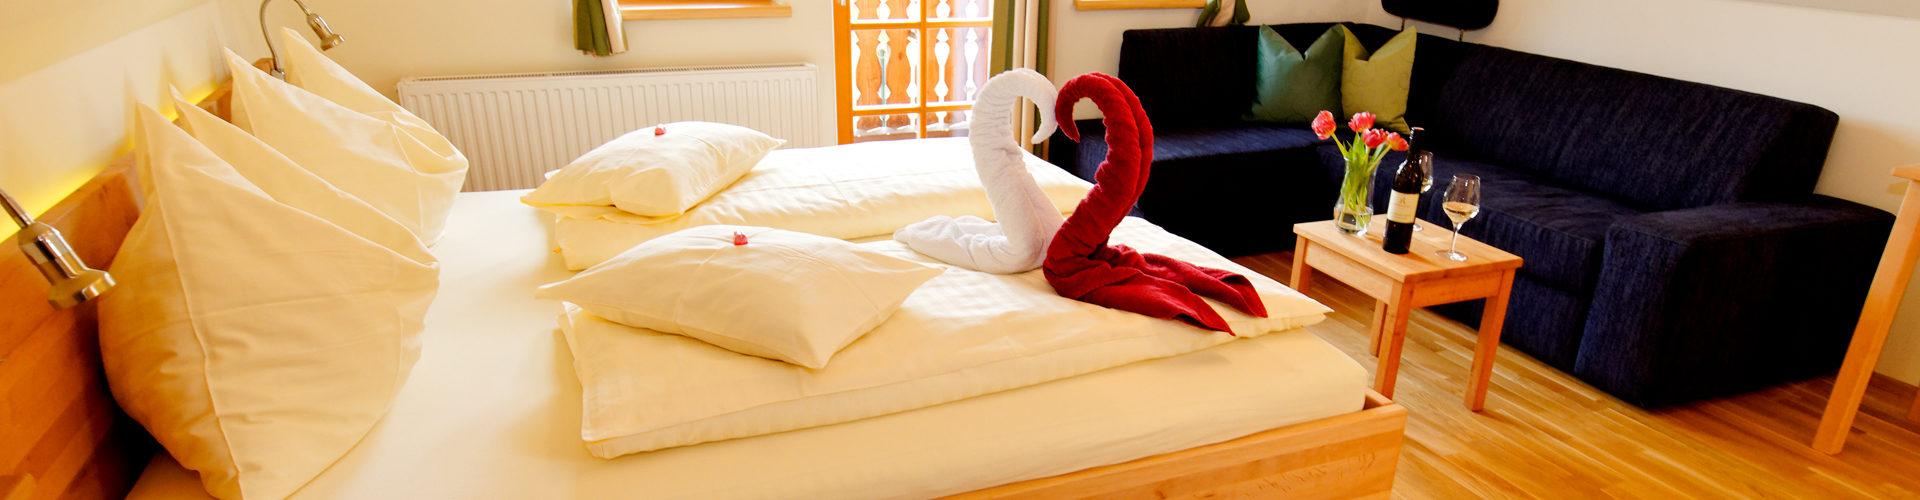 Winzerzimmer mit Schwänen aus Handtüchern auf dem Bett und einem ausziehbarem Sofa sowie ein Balkon und Klimaanlage, gratis W-Lan und vieles mehr...